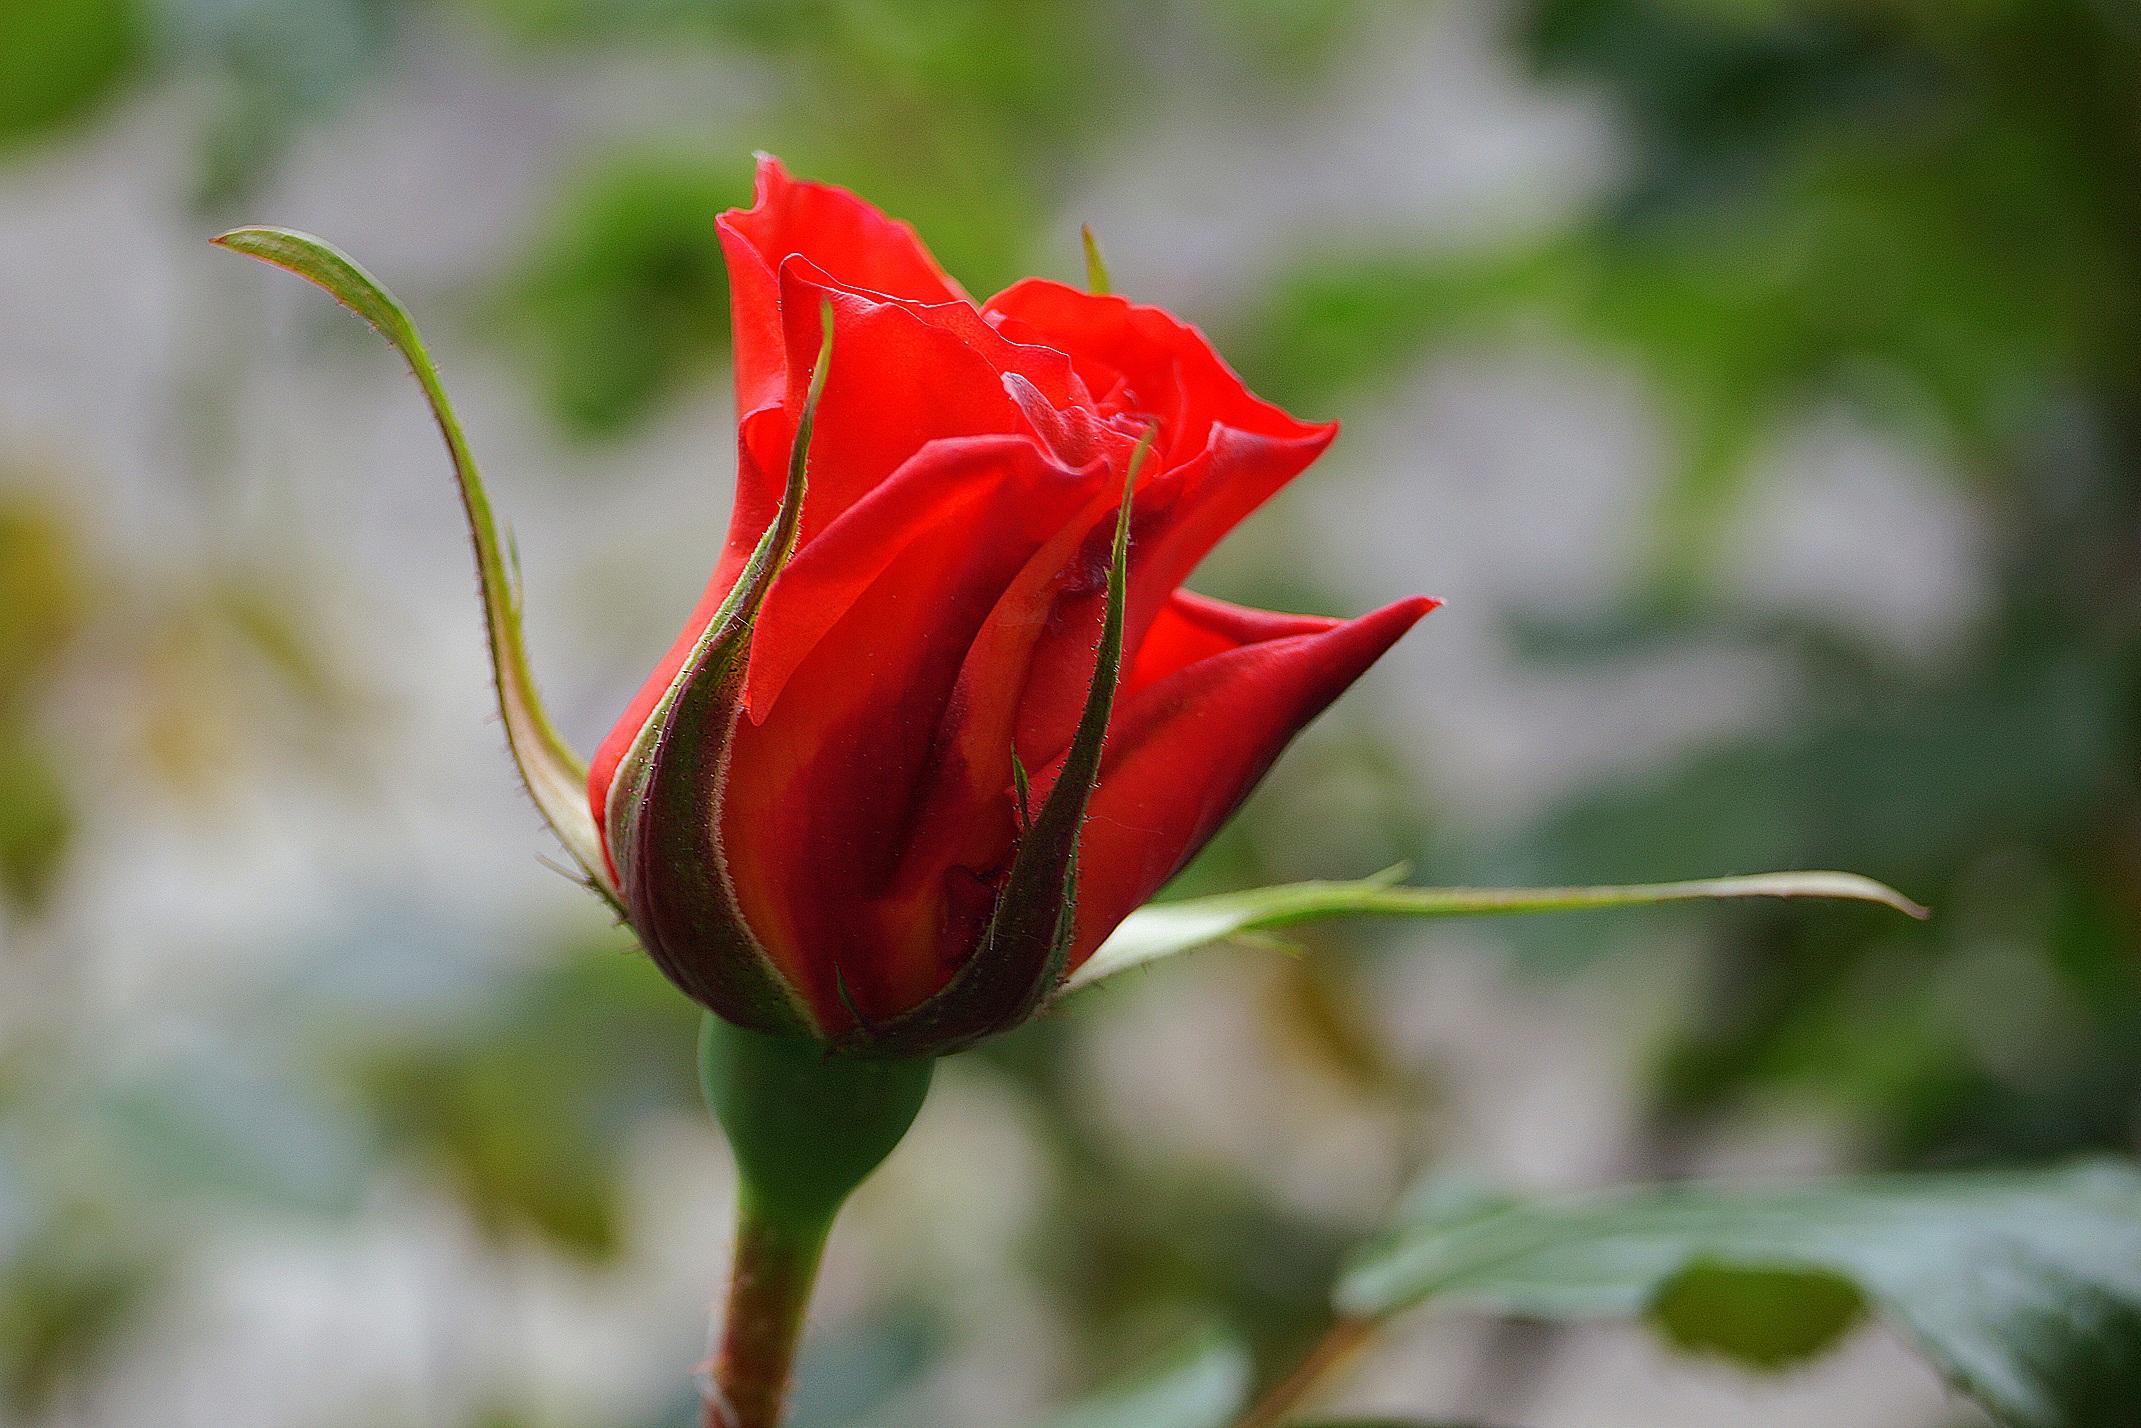 Gambar Alam Menanam Daun Bunga Botani Flora Mawar Merah Bunga Bunga Merapatkan Tunas Fotografi Makro Bunga Mawar Tanaman Berbunga Mawar Taman Keluarga Mawar Batang Tanaman Tanaman Tanah Agar Naik 2141x1428